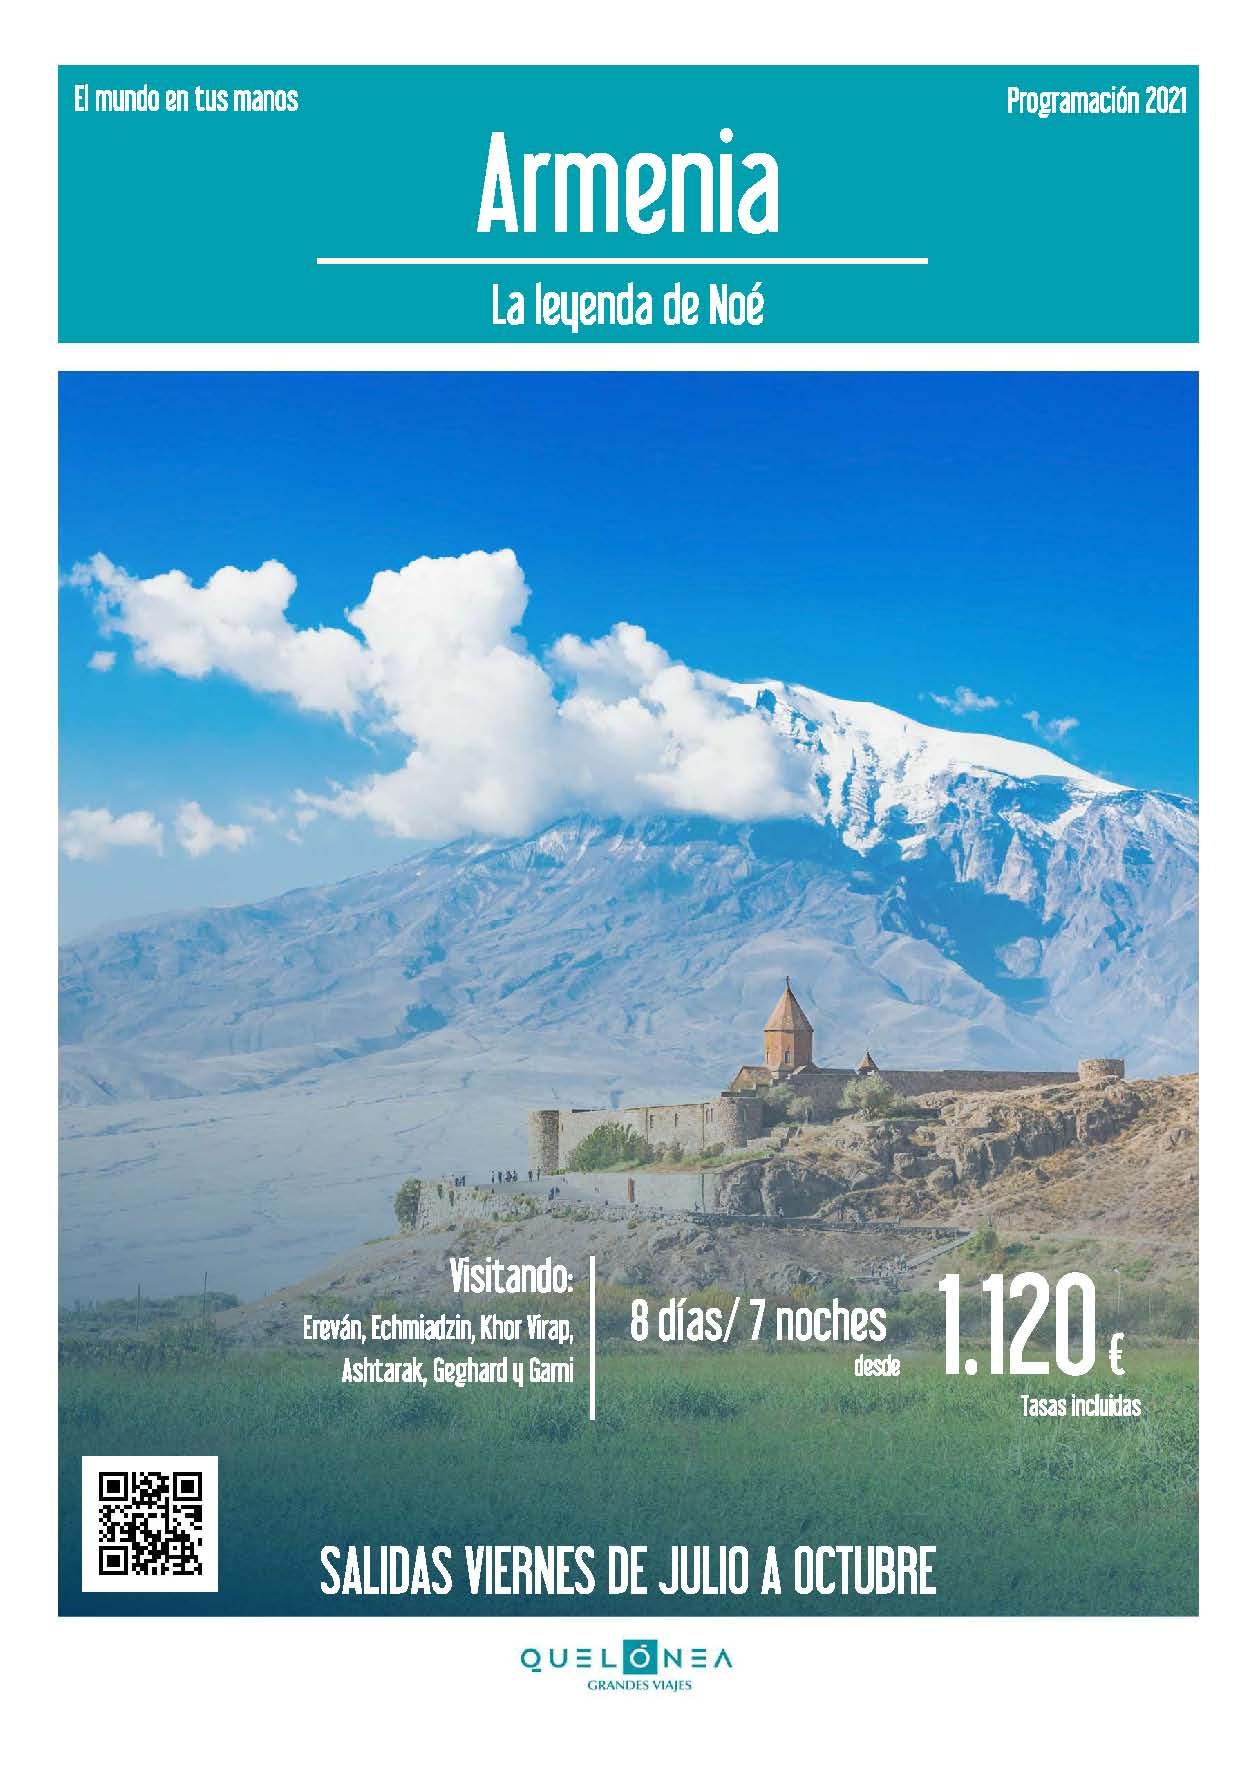 Ofertas Quelonea Armenia Verano y Otono 2021 vuelo directo desde Madrid